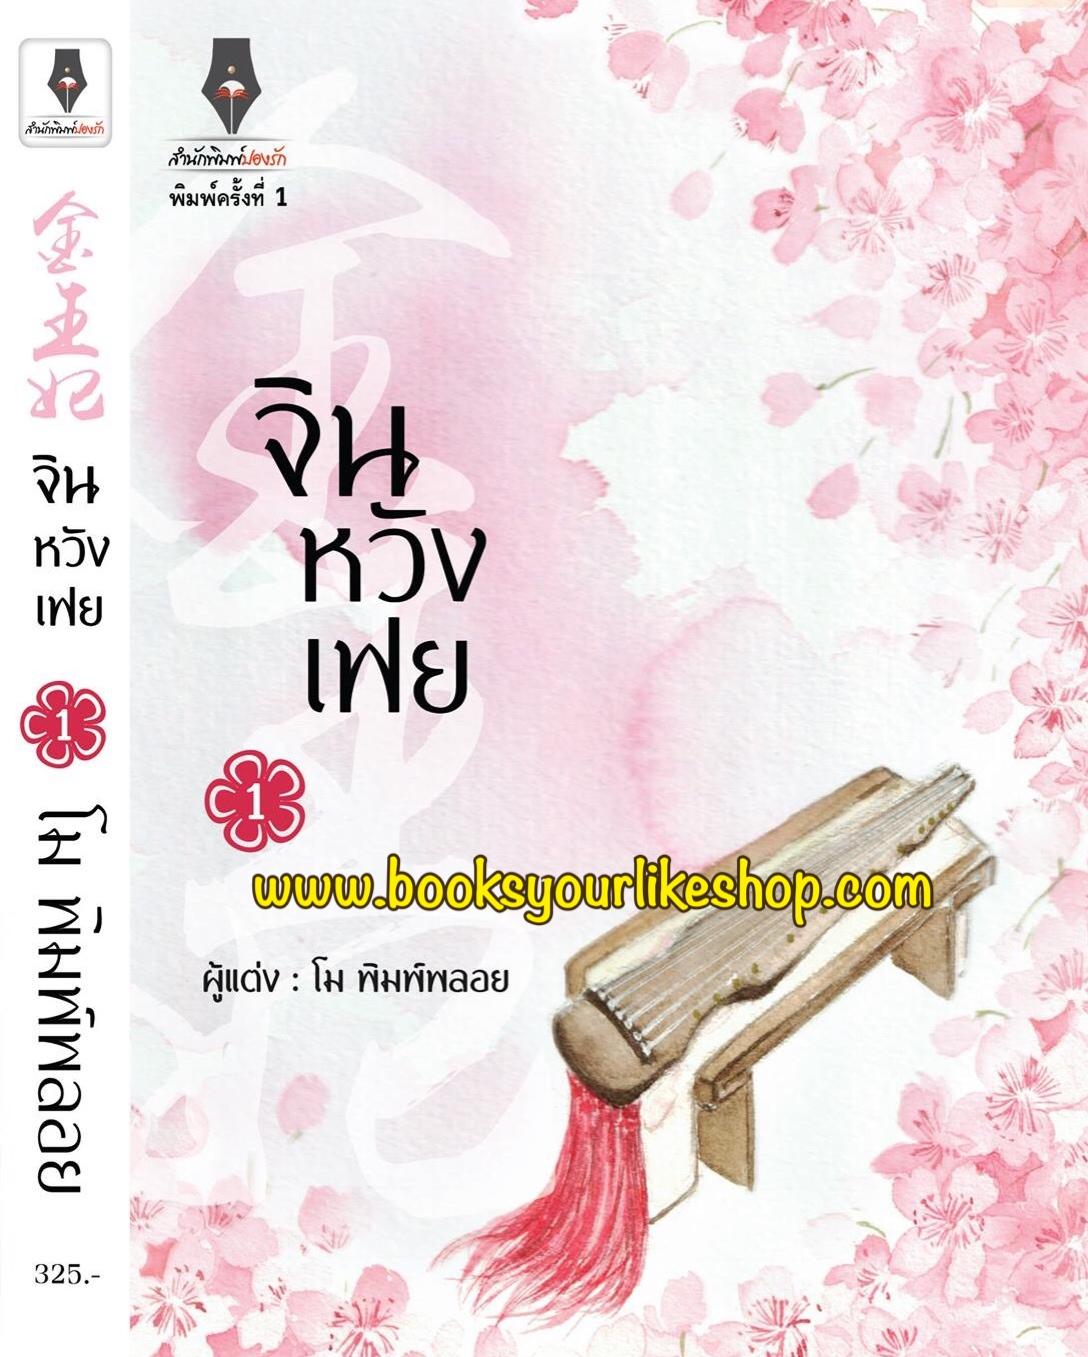 เปิดจอง จินหวังเฟย เล่ม 1 / โม พิมพ์พลอย หนังสือใหม่ จีนโบราณ ( เข้า พย )